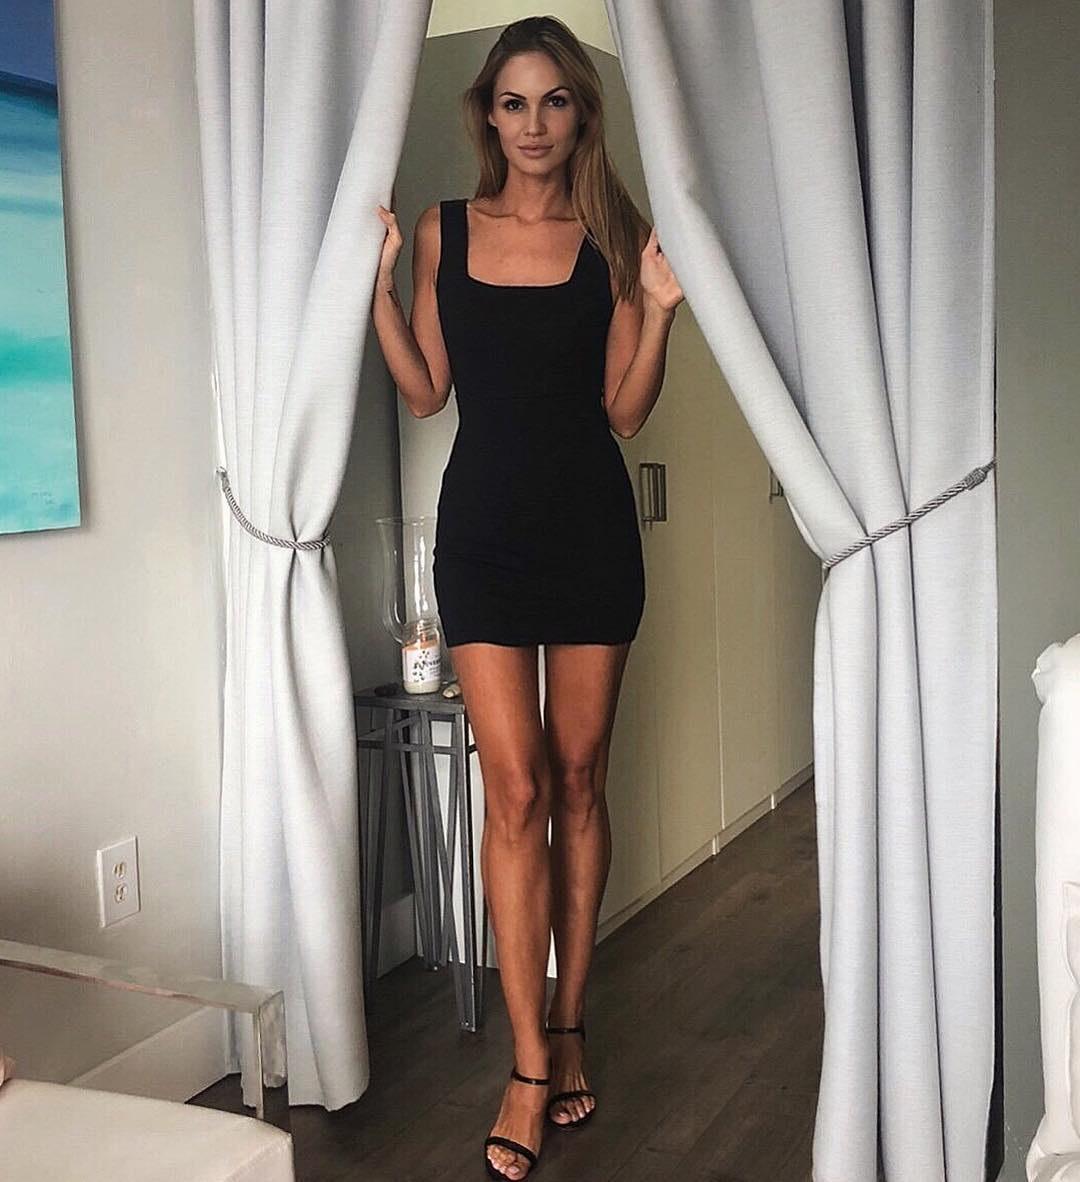 Model of Daria